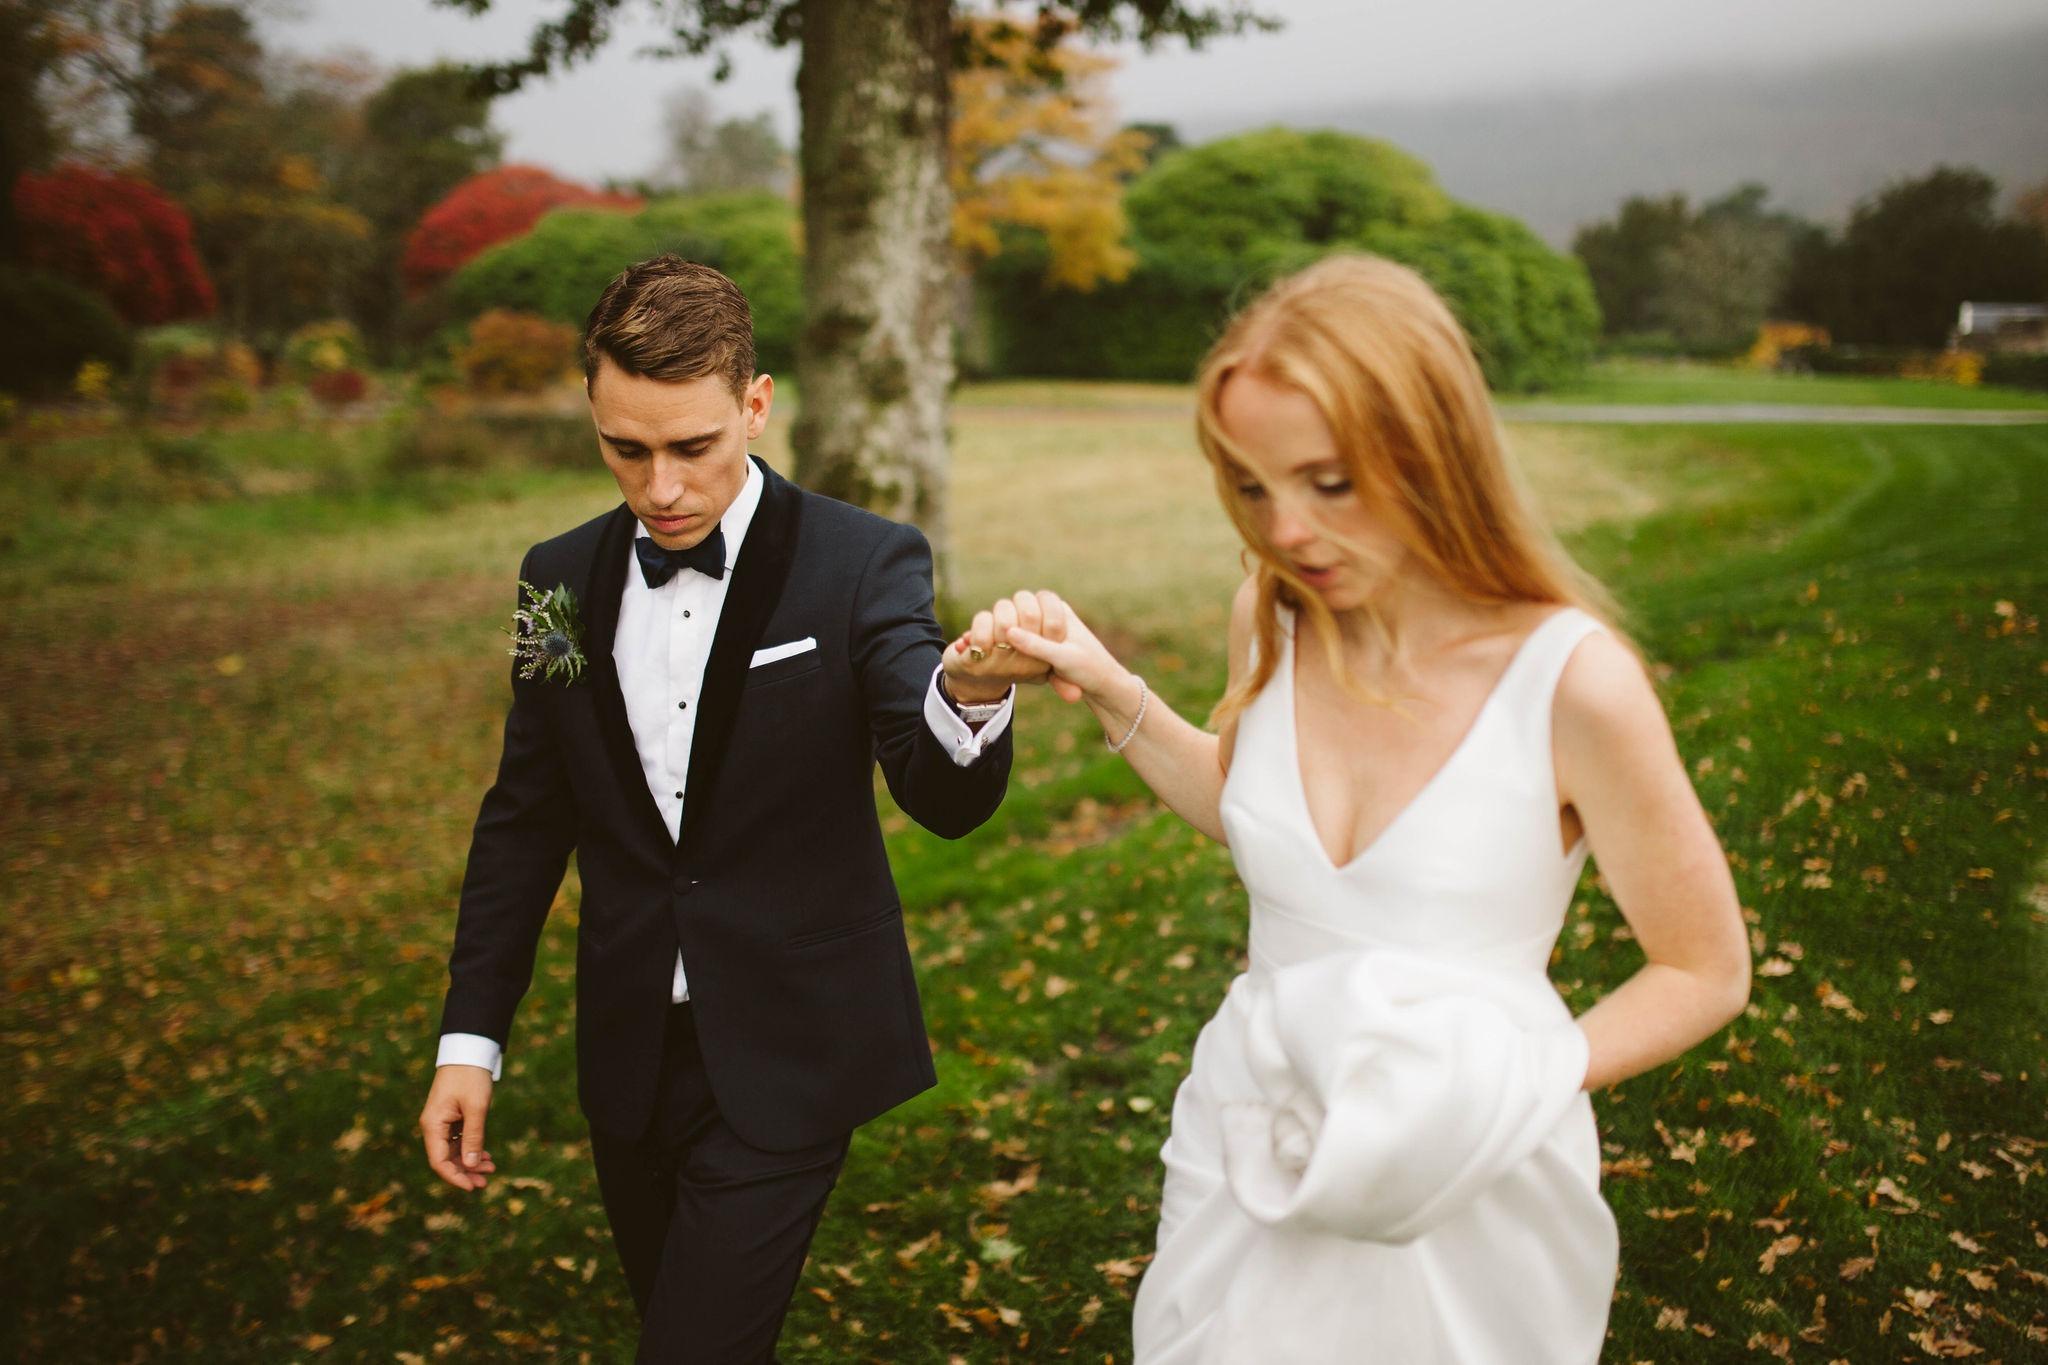 Wedding at Loch Lomond golf club Scotland